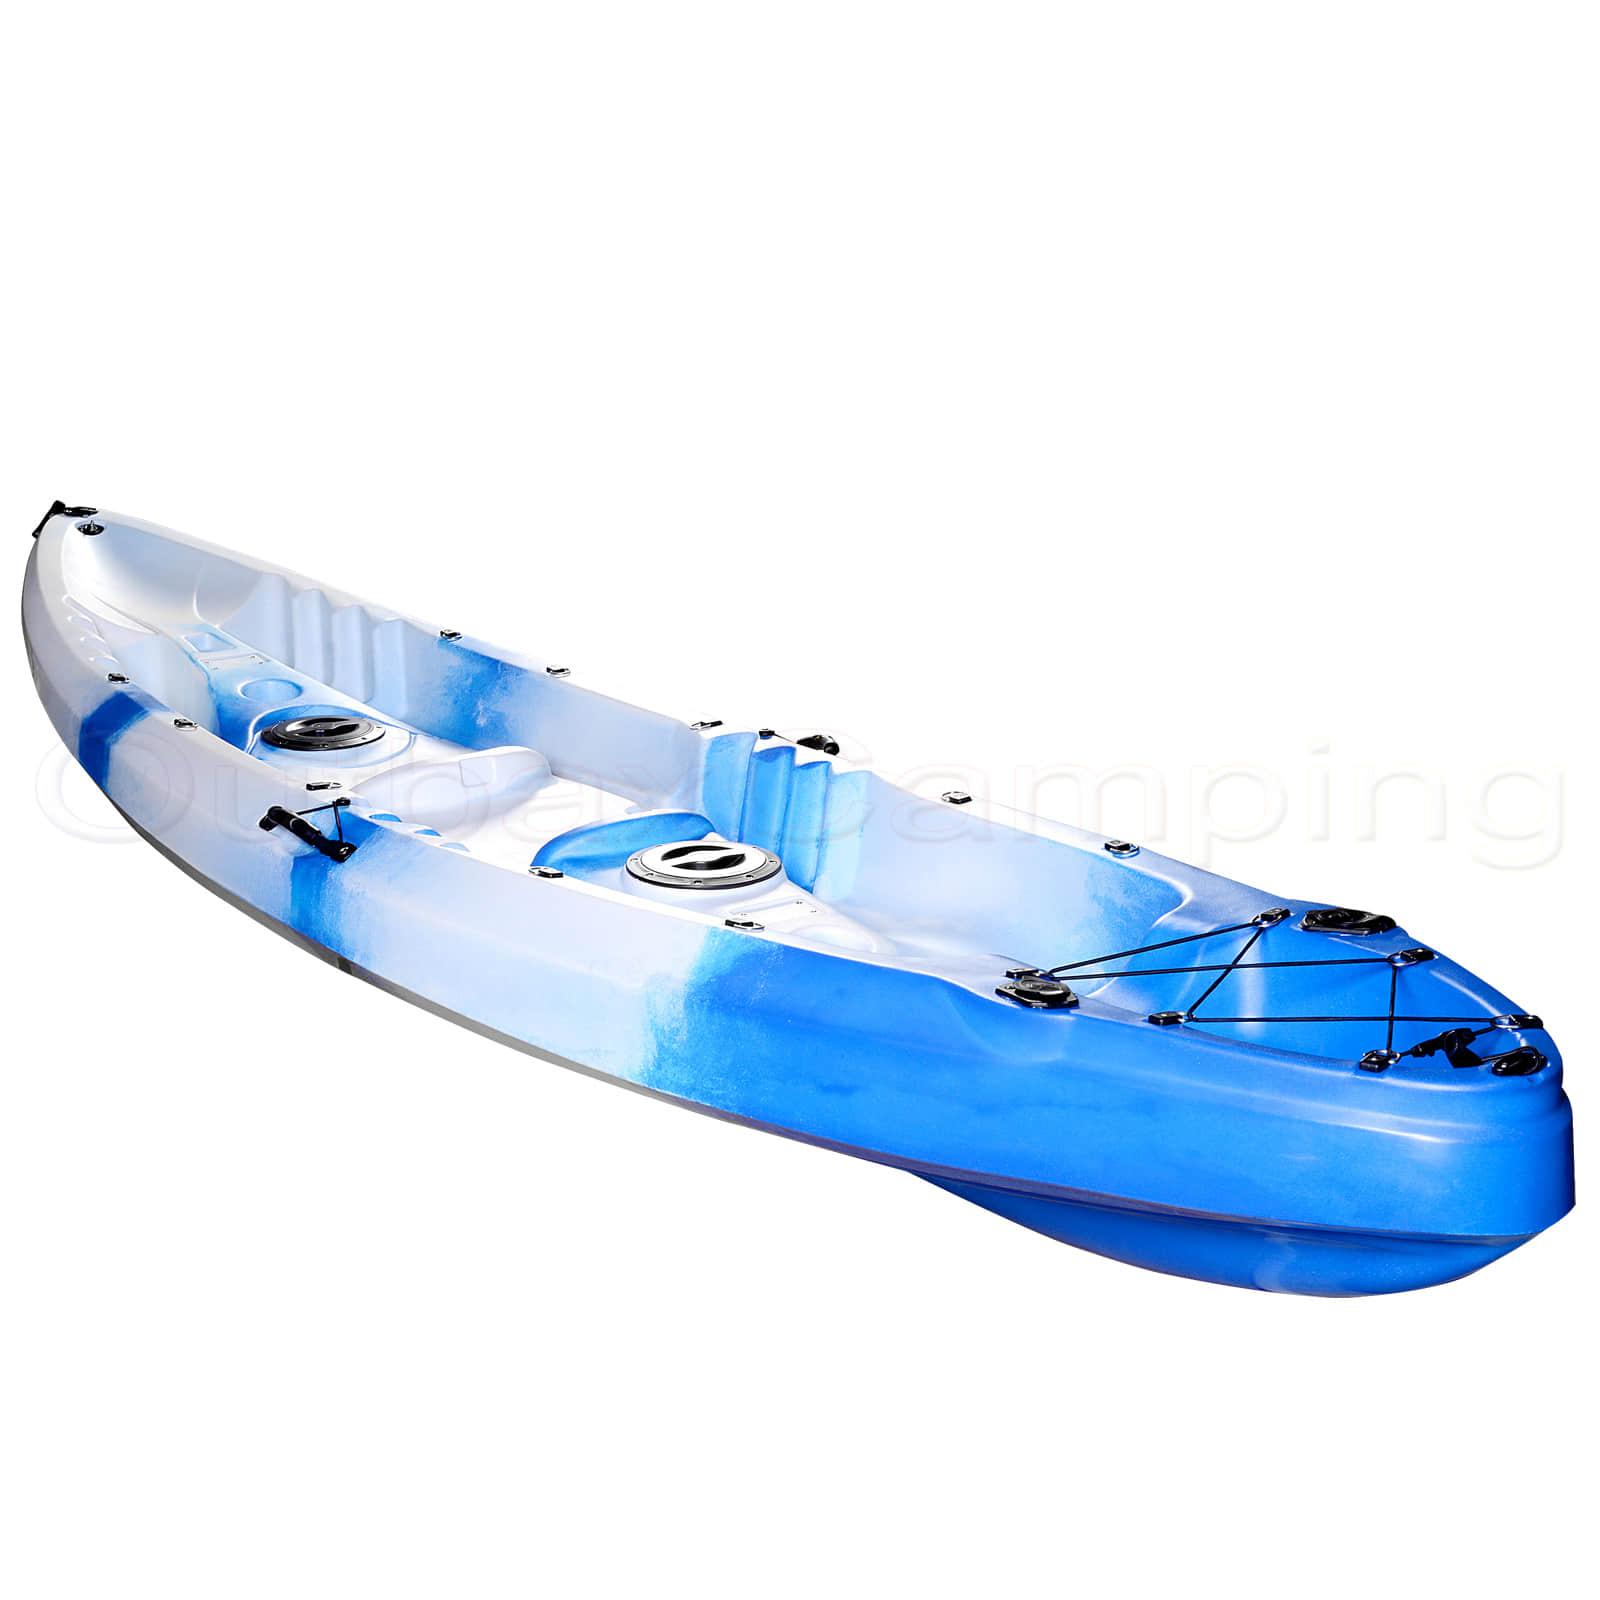 Double pacific fishing kayak sit on rod holders canoe camo for Double fishing kayak